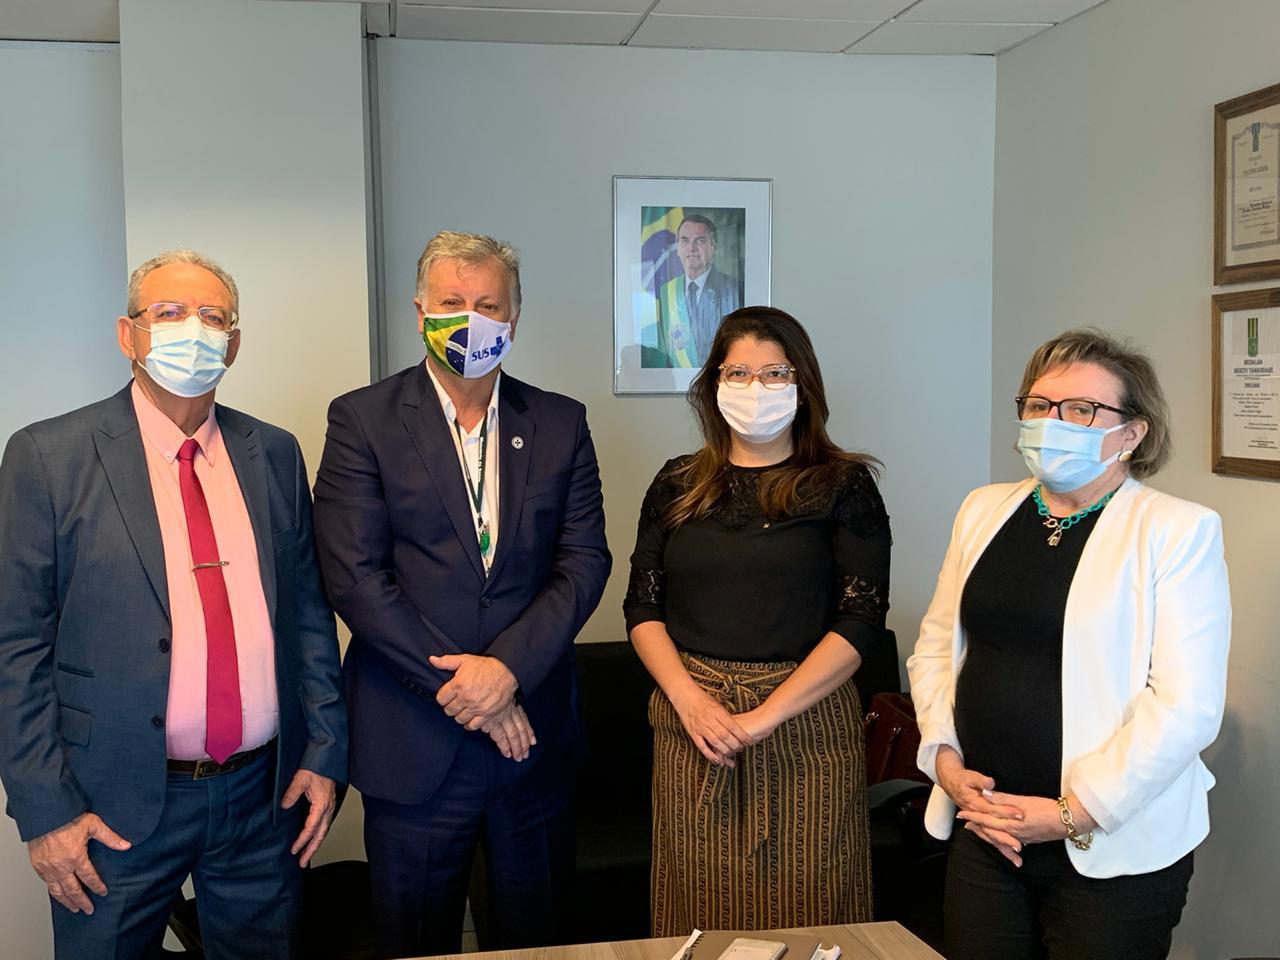 Carla  Dickson vai ao Ministério da Saúde com o secretário George Antunes para tratar  sobre o aumento nos casos da COVID